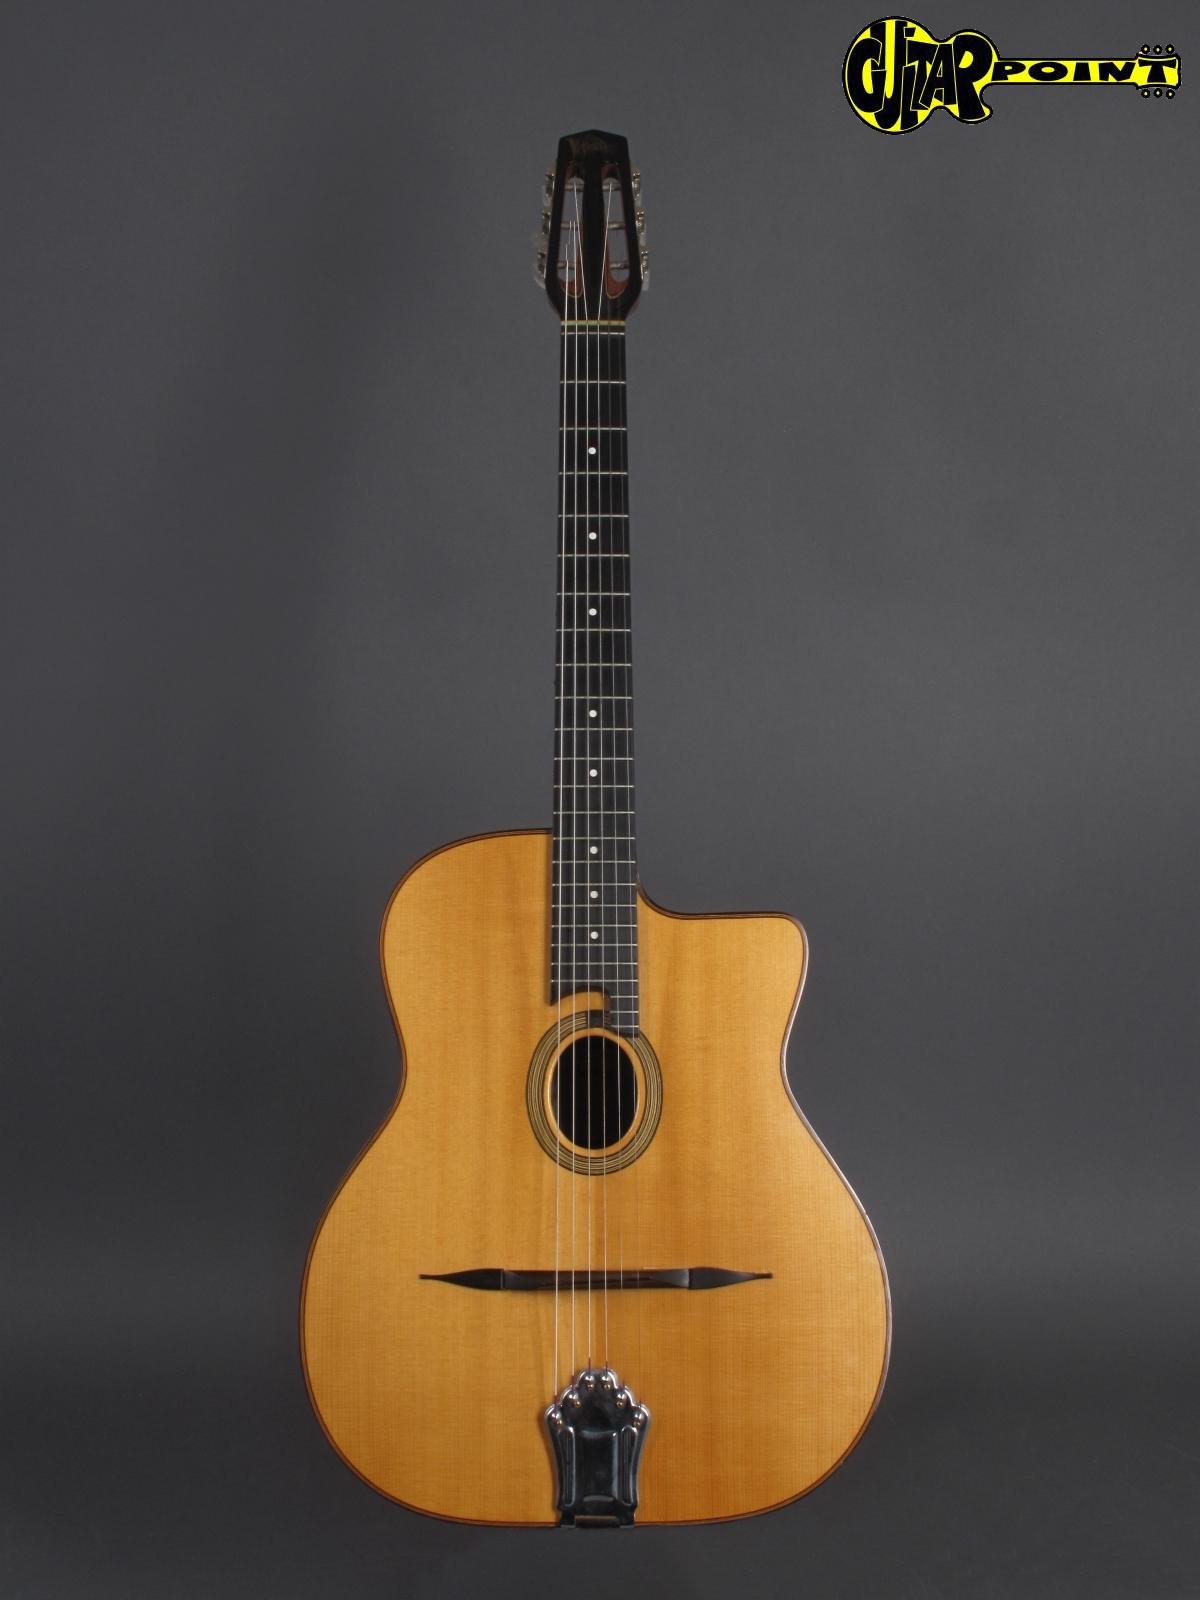 https://guitarpoint.de/app/uploads/products/1996-jean-pierre-favino-model-s/Favino96JazzS_1081_1.jpg